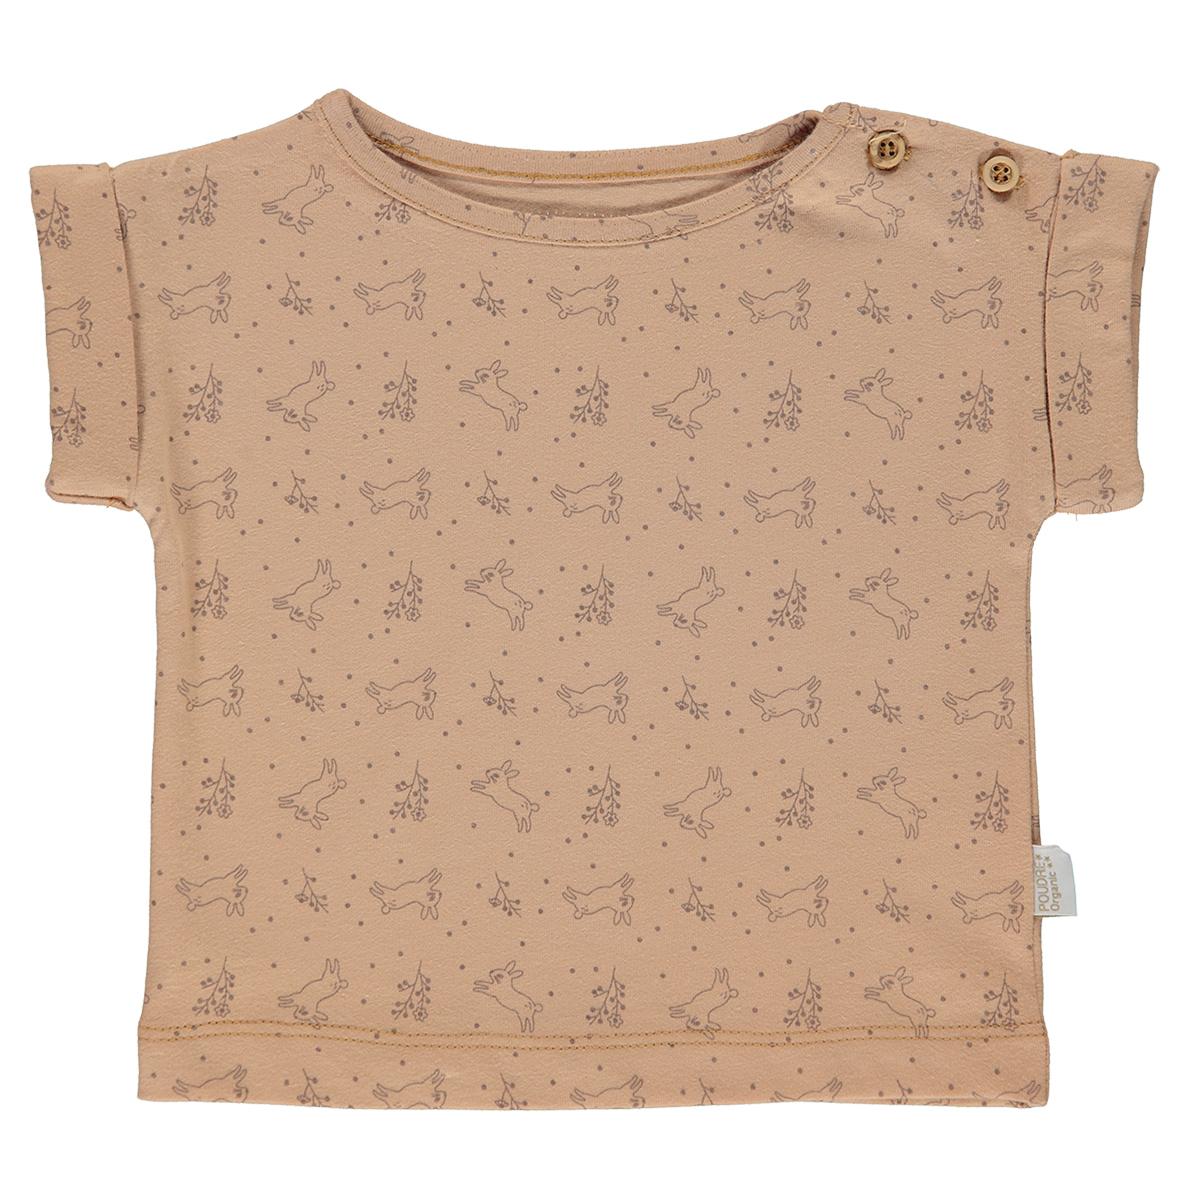 Haut bébé T-Shirt Bourrache Indian Tan et Motifs - 6 Mois T-Shirt Bourrache Indian Tan et Motifs - 6 Mois